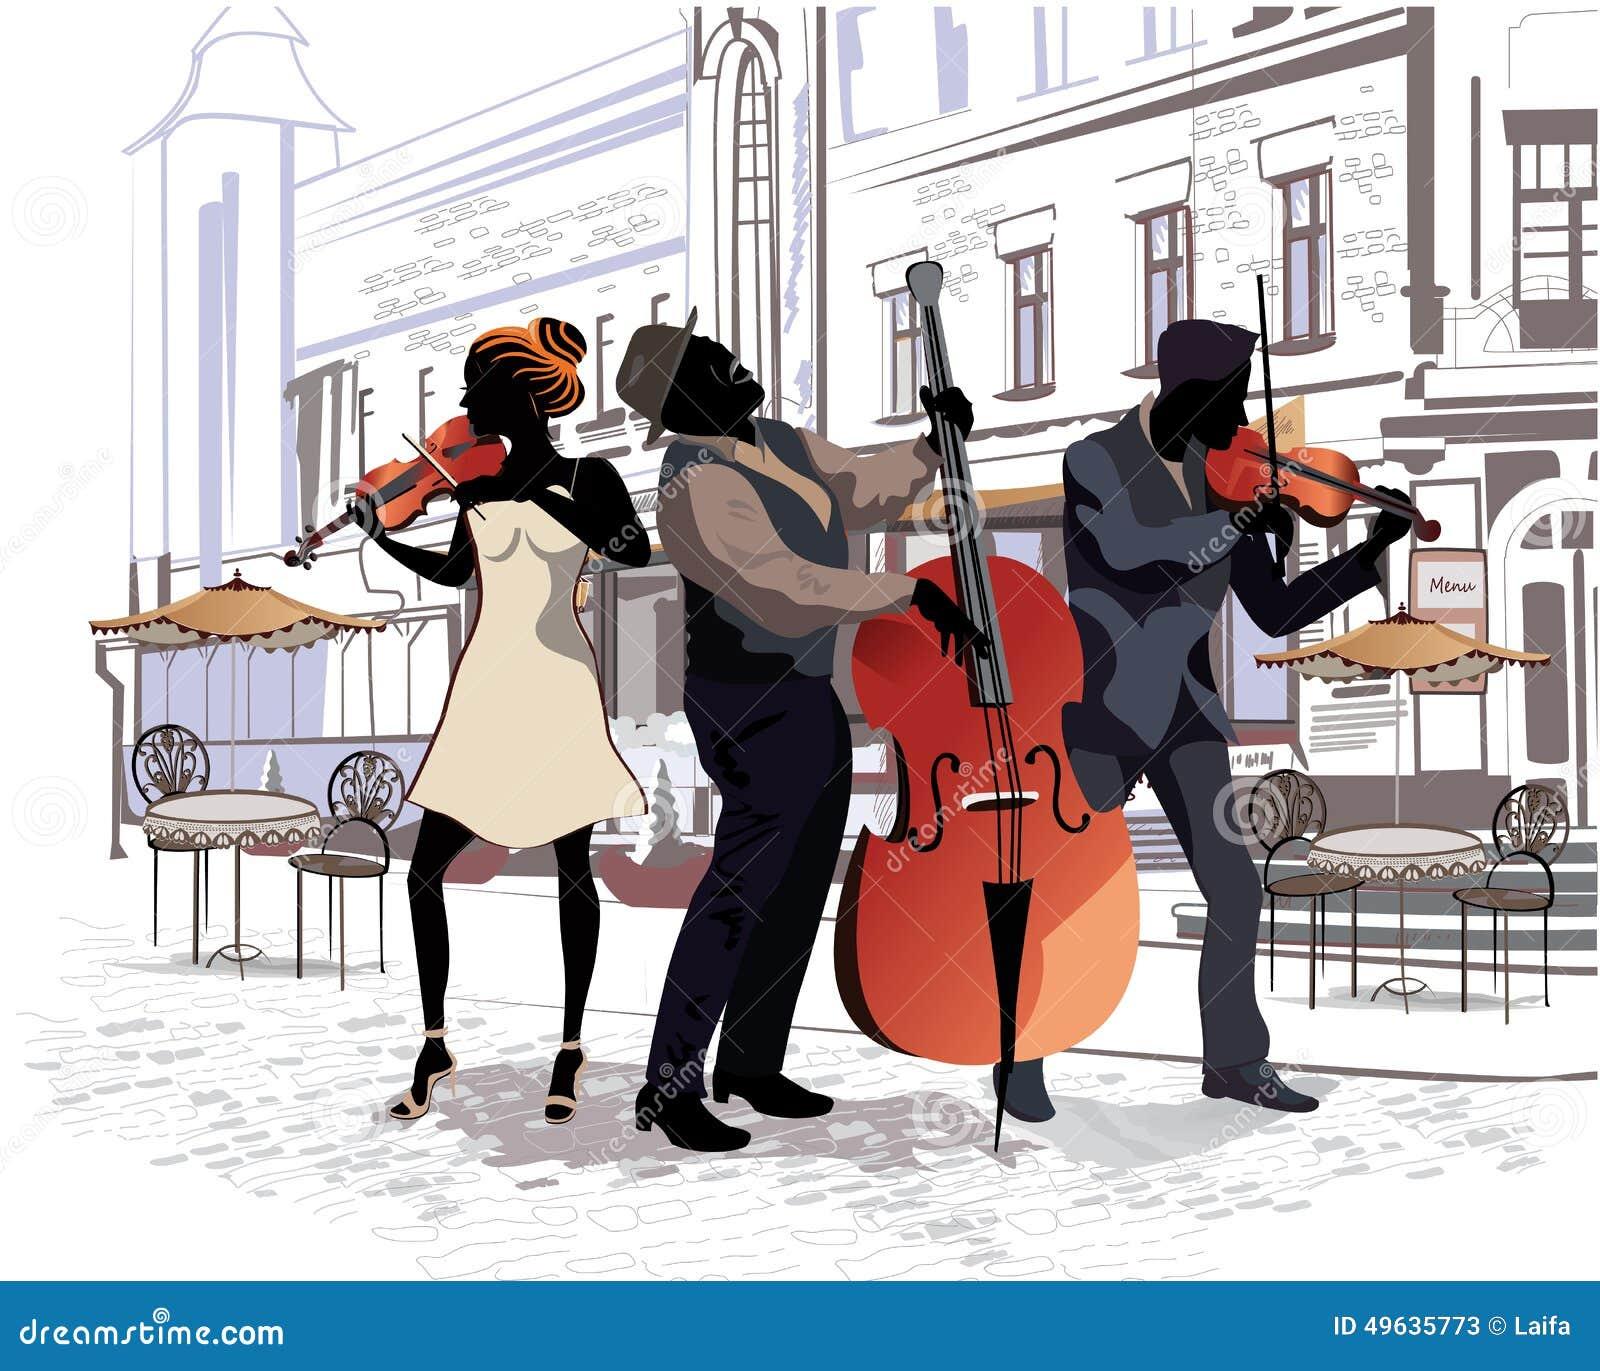 Reihe der Straßen mit Leuten in der alten Stadt musiker